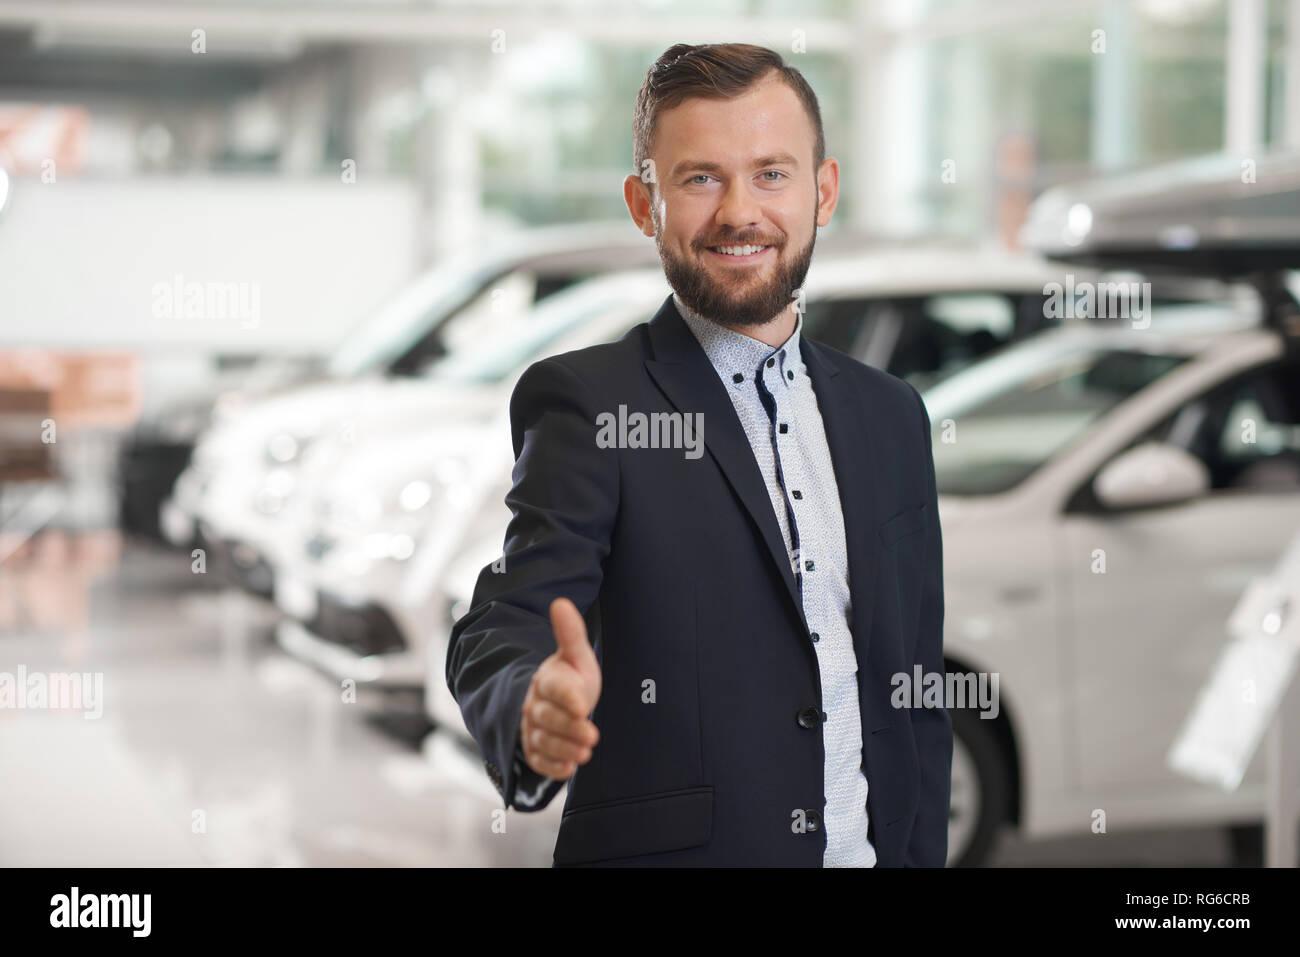 Apuesto gerente del concesionario de coches mirando a la cámara, sonriendo, posando. Concesionario de coches vistiendo la camiseta oficial, traje azul oscuro. Feliz hombre barbado mostrando el pulgar hacia arriba. Imagen De Stock